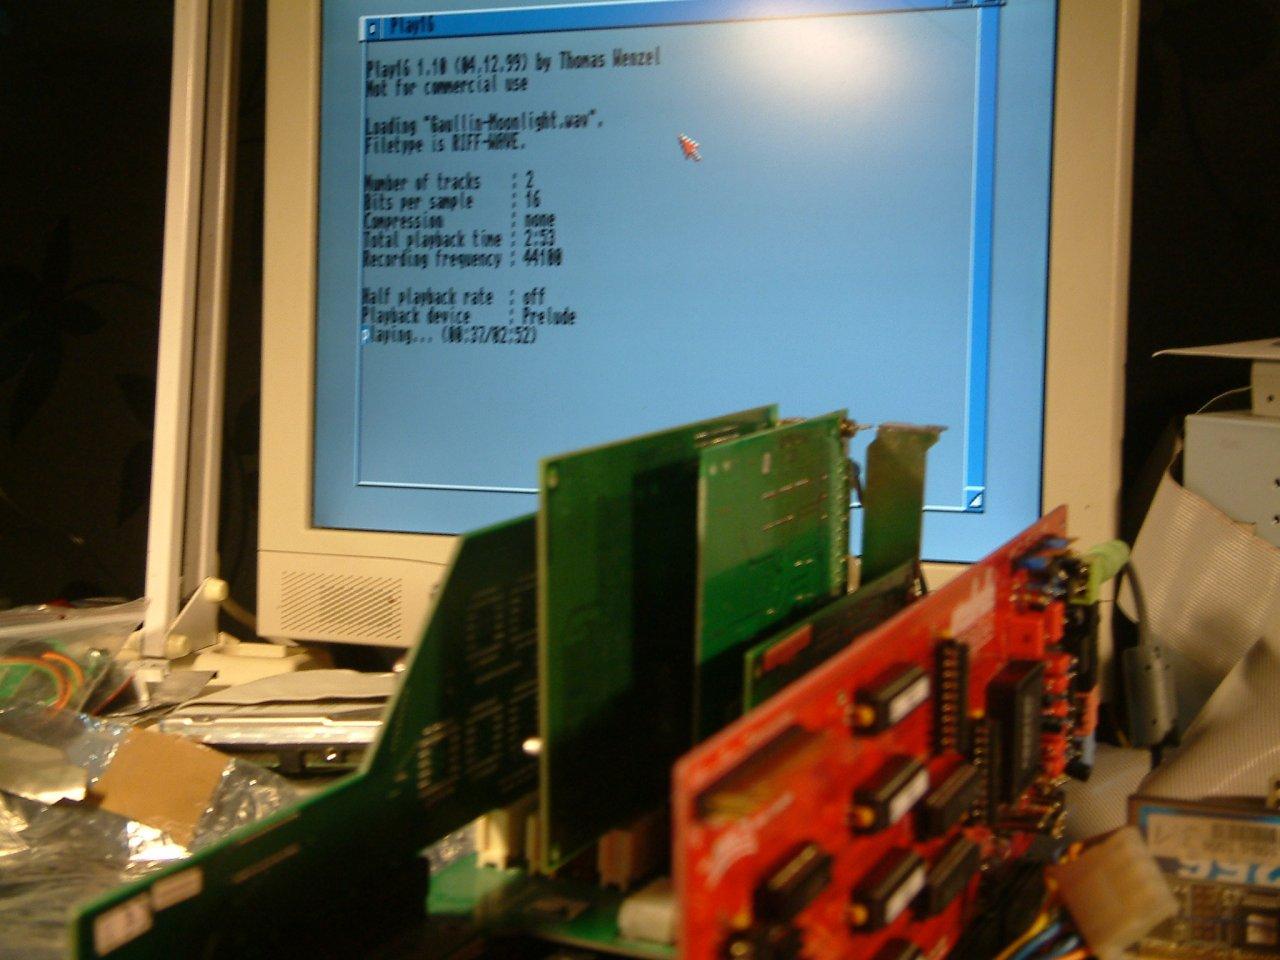 Klikněte na obrázek pro zobrazení větší verze  Název: DSCF0014.JPG Zobrazeno: 51 Velikost: 147,8 KB ID: 9892